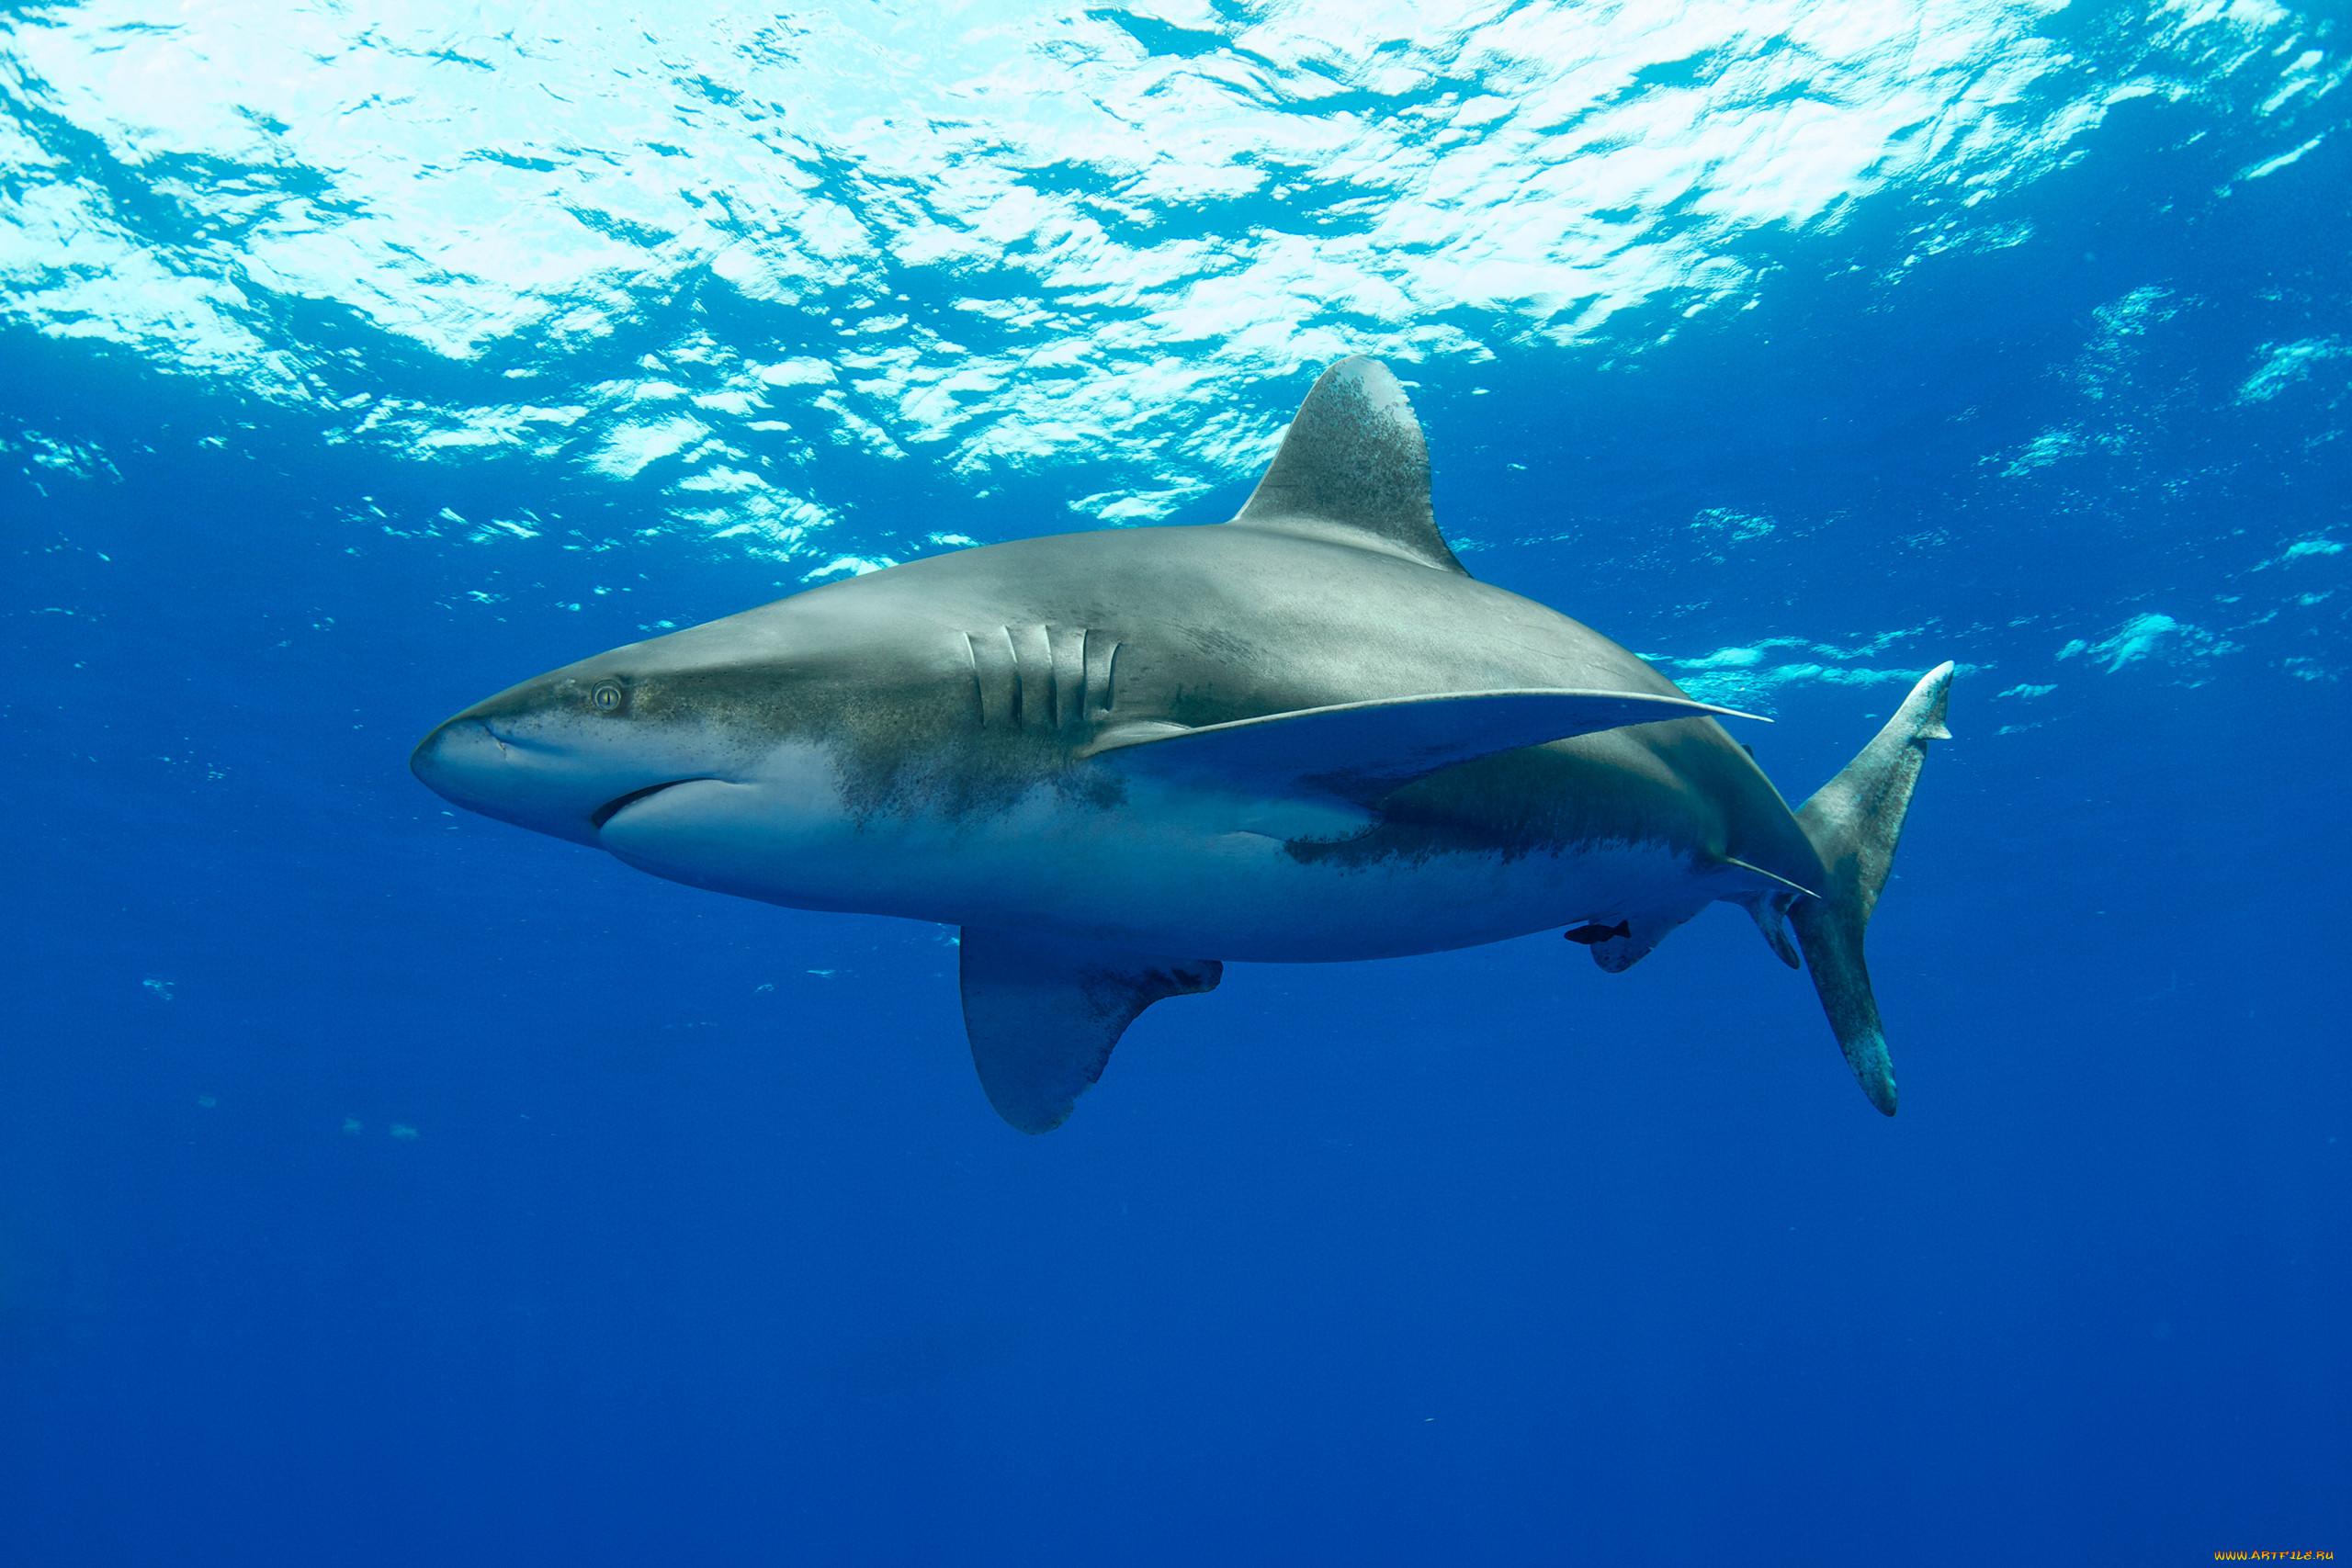 можно фотографии про акулу его